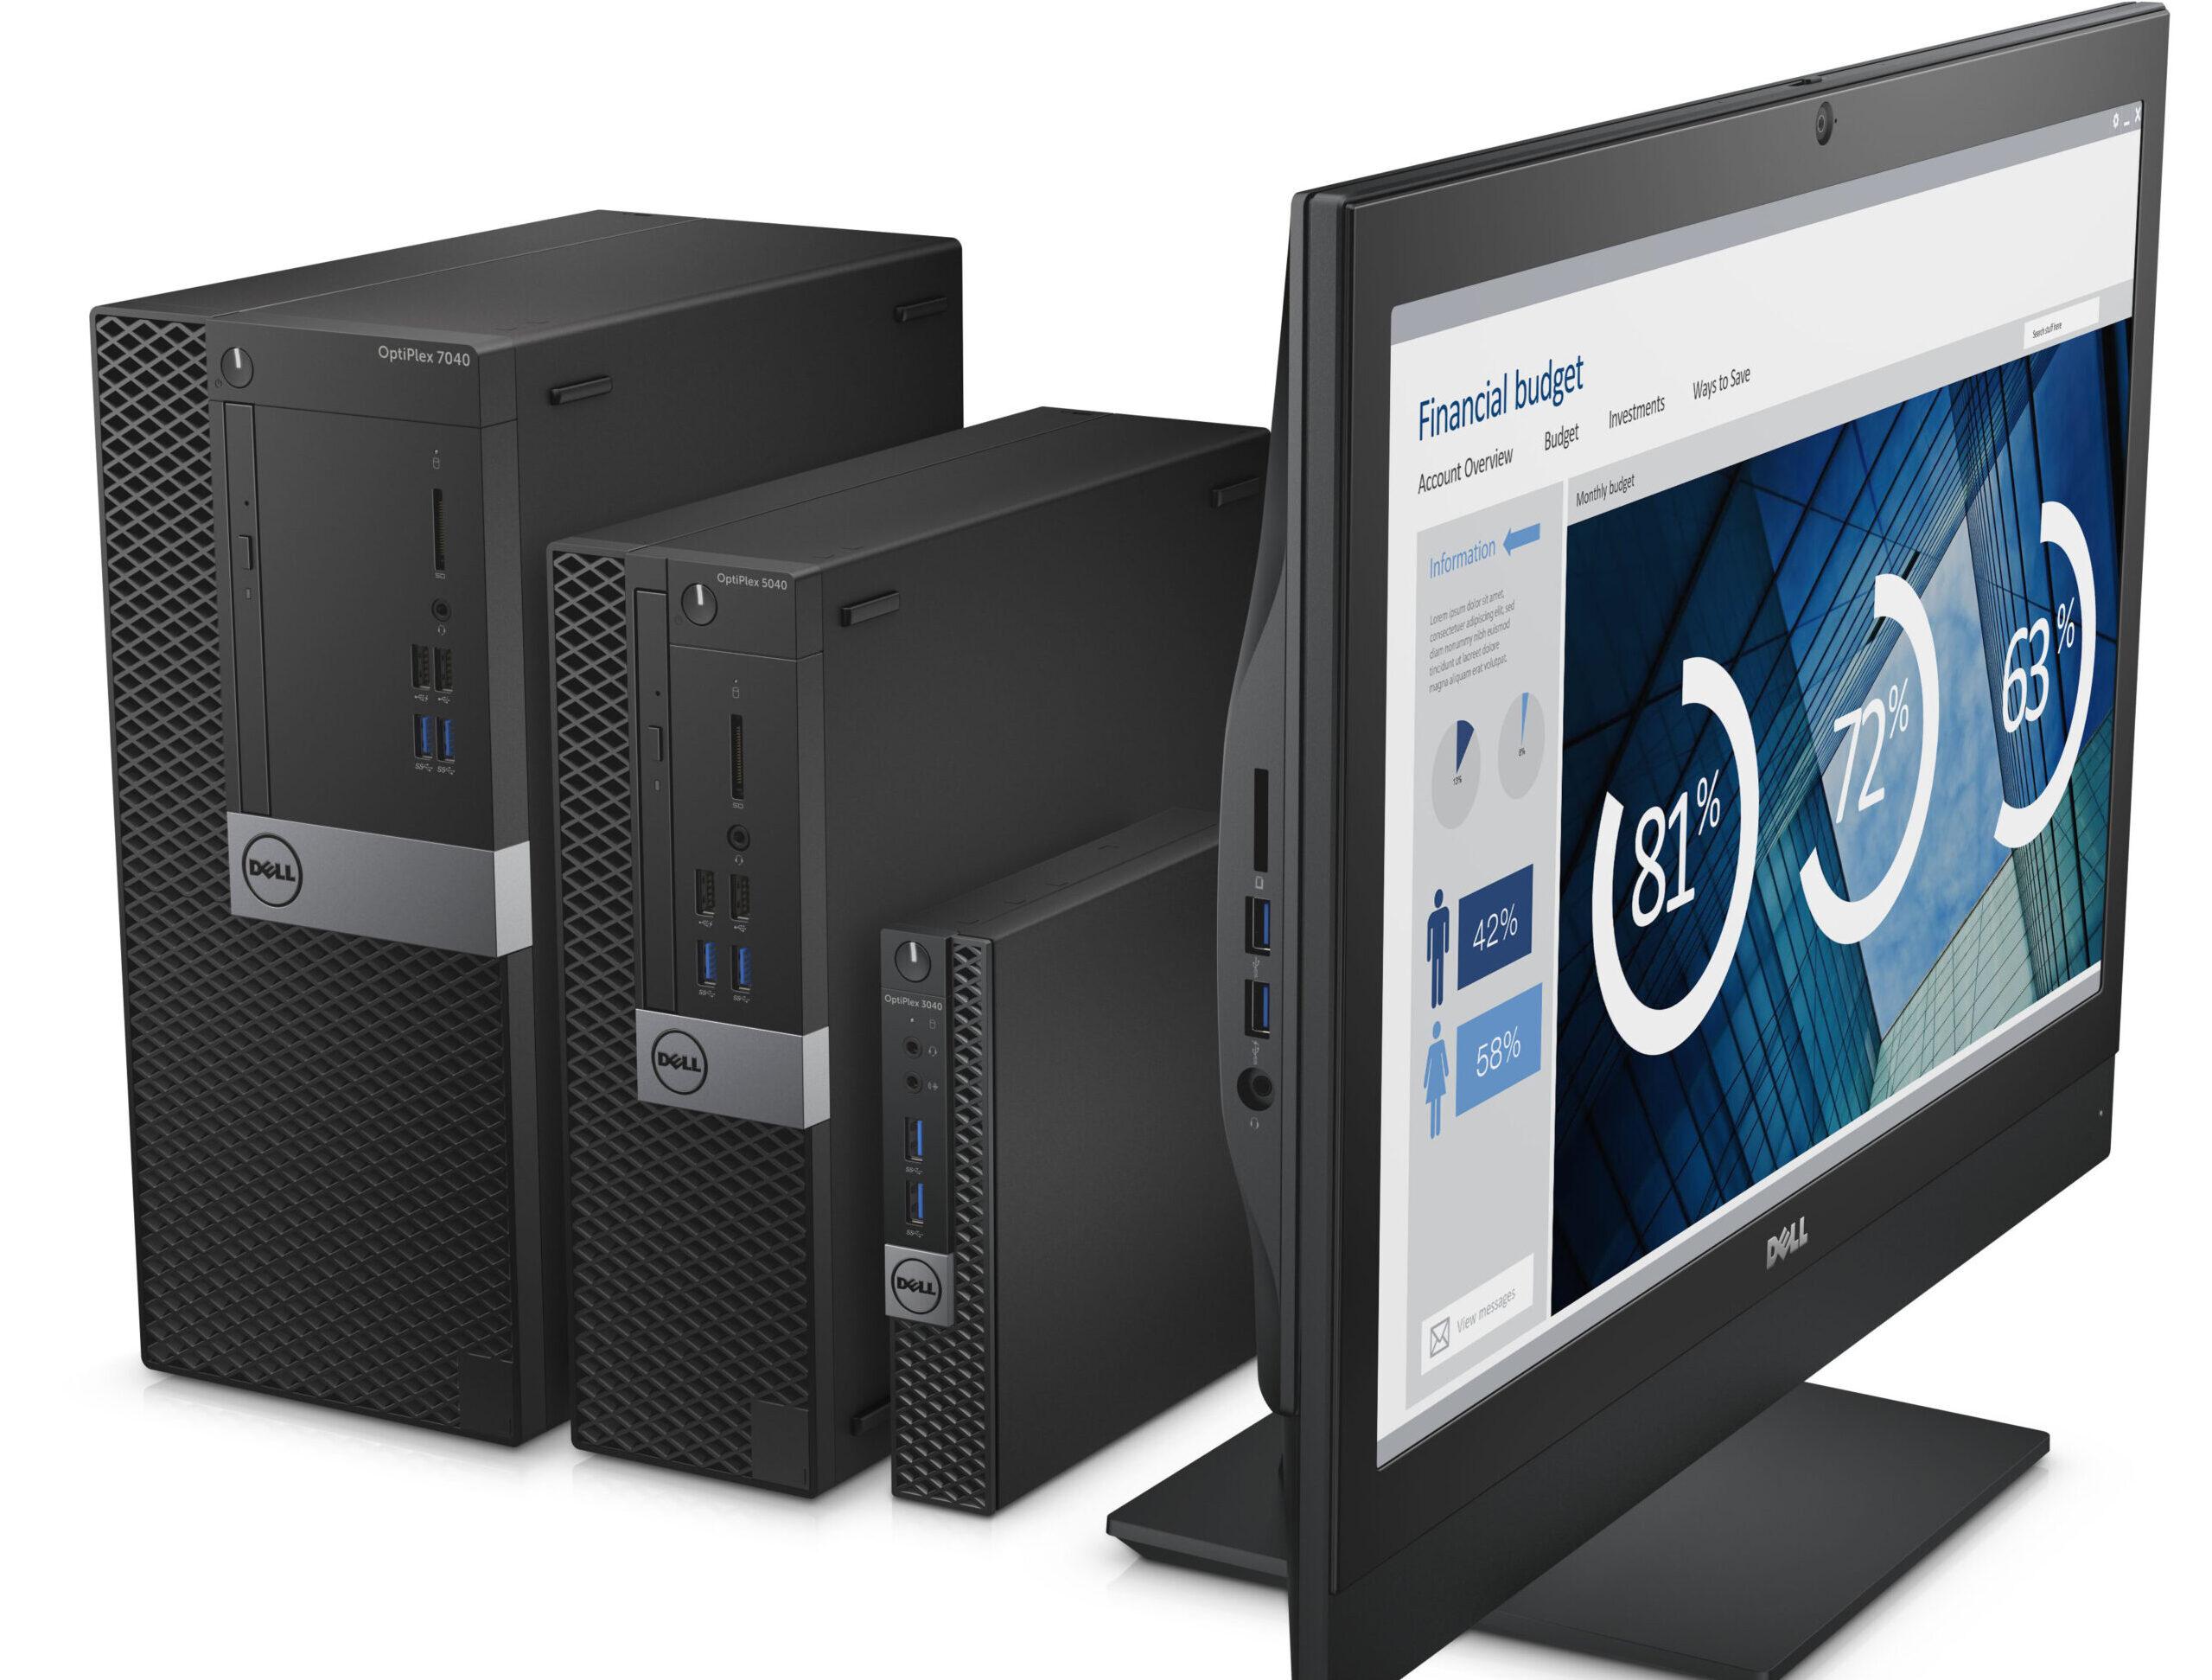 Dell Desktop Setup